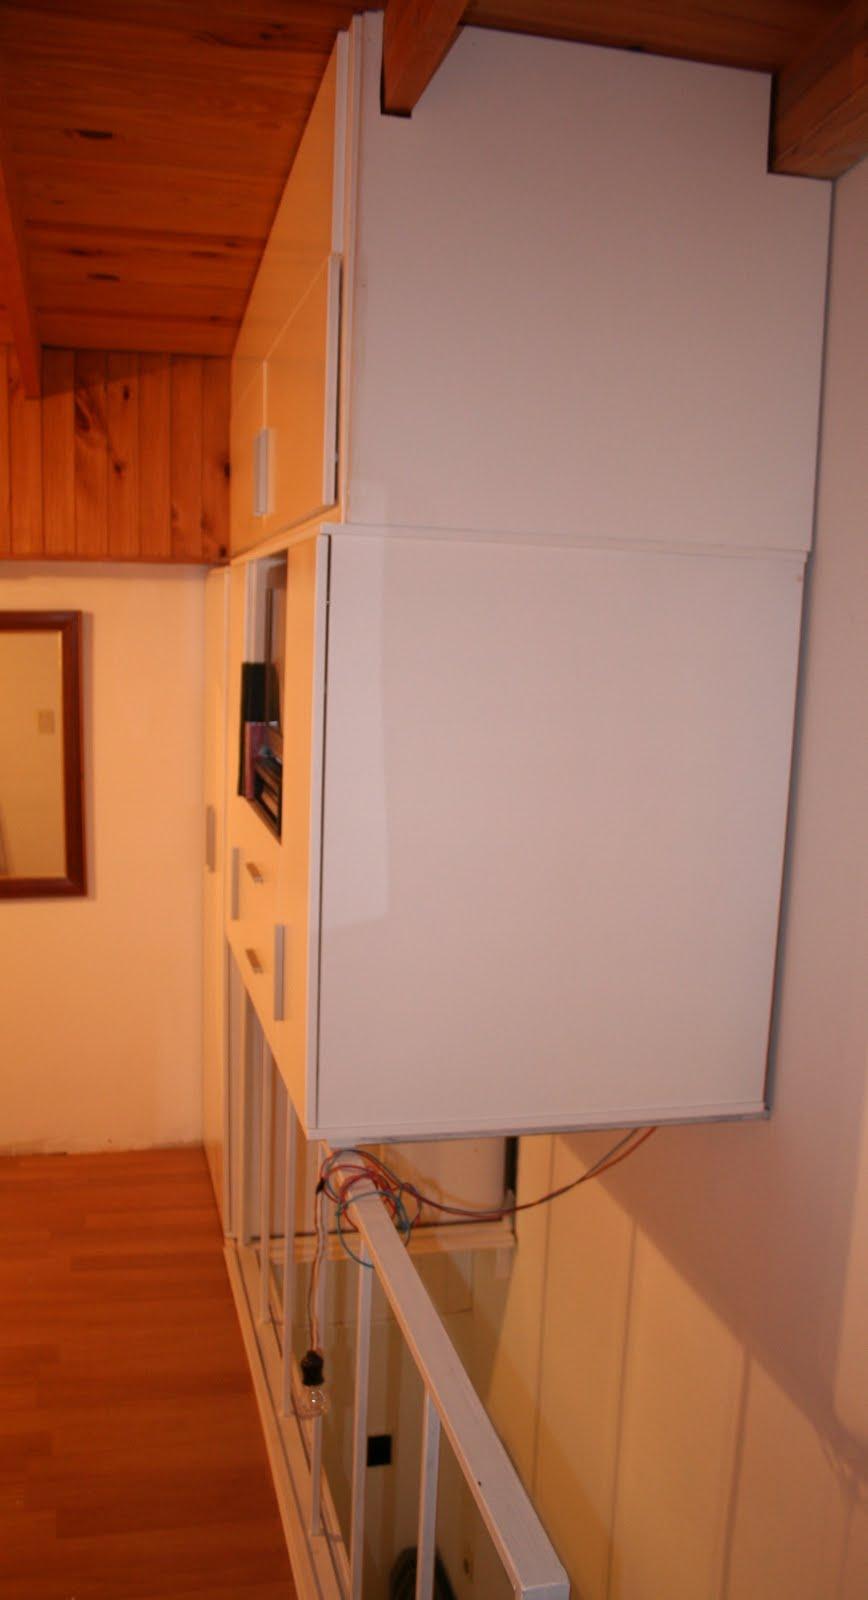 Muebles a medida tandil placard baulera sobre escalera para dpto duplex - Escaleras para duplex ...